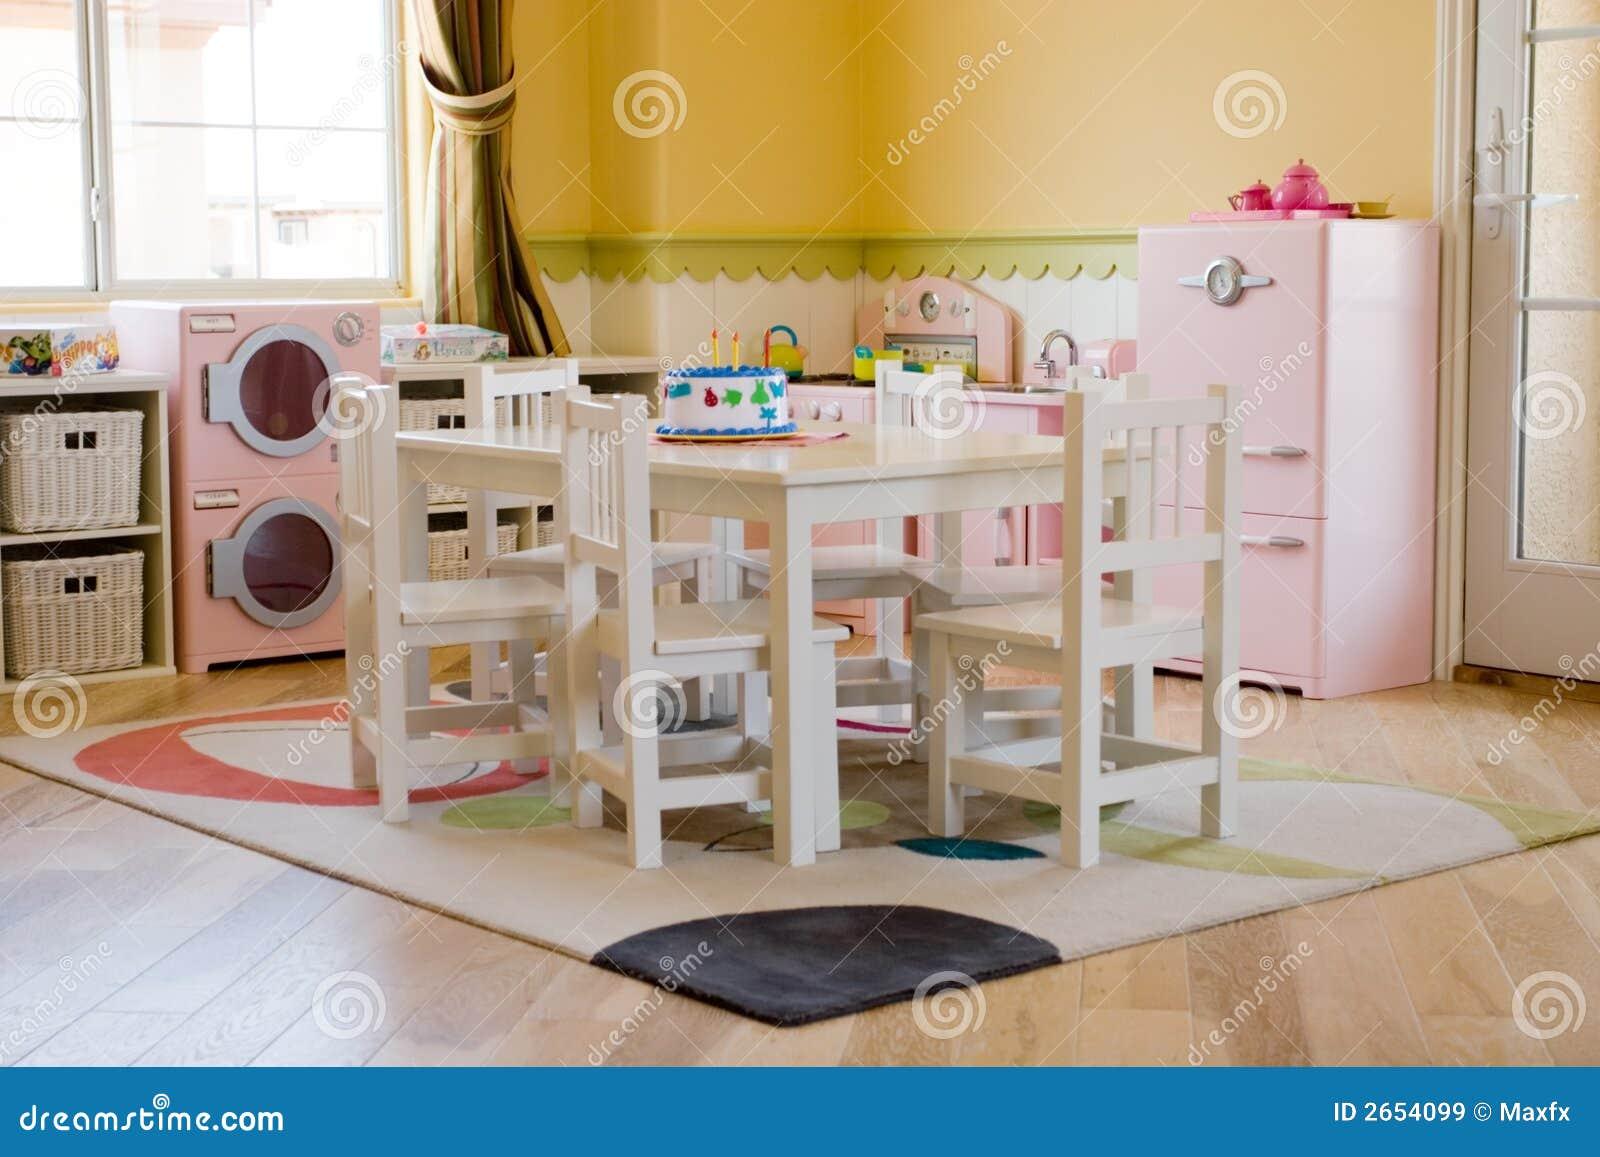 La salle de jeux des enfants images libres de droits image 2654099 - Salle de jeux pour enfants ...